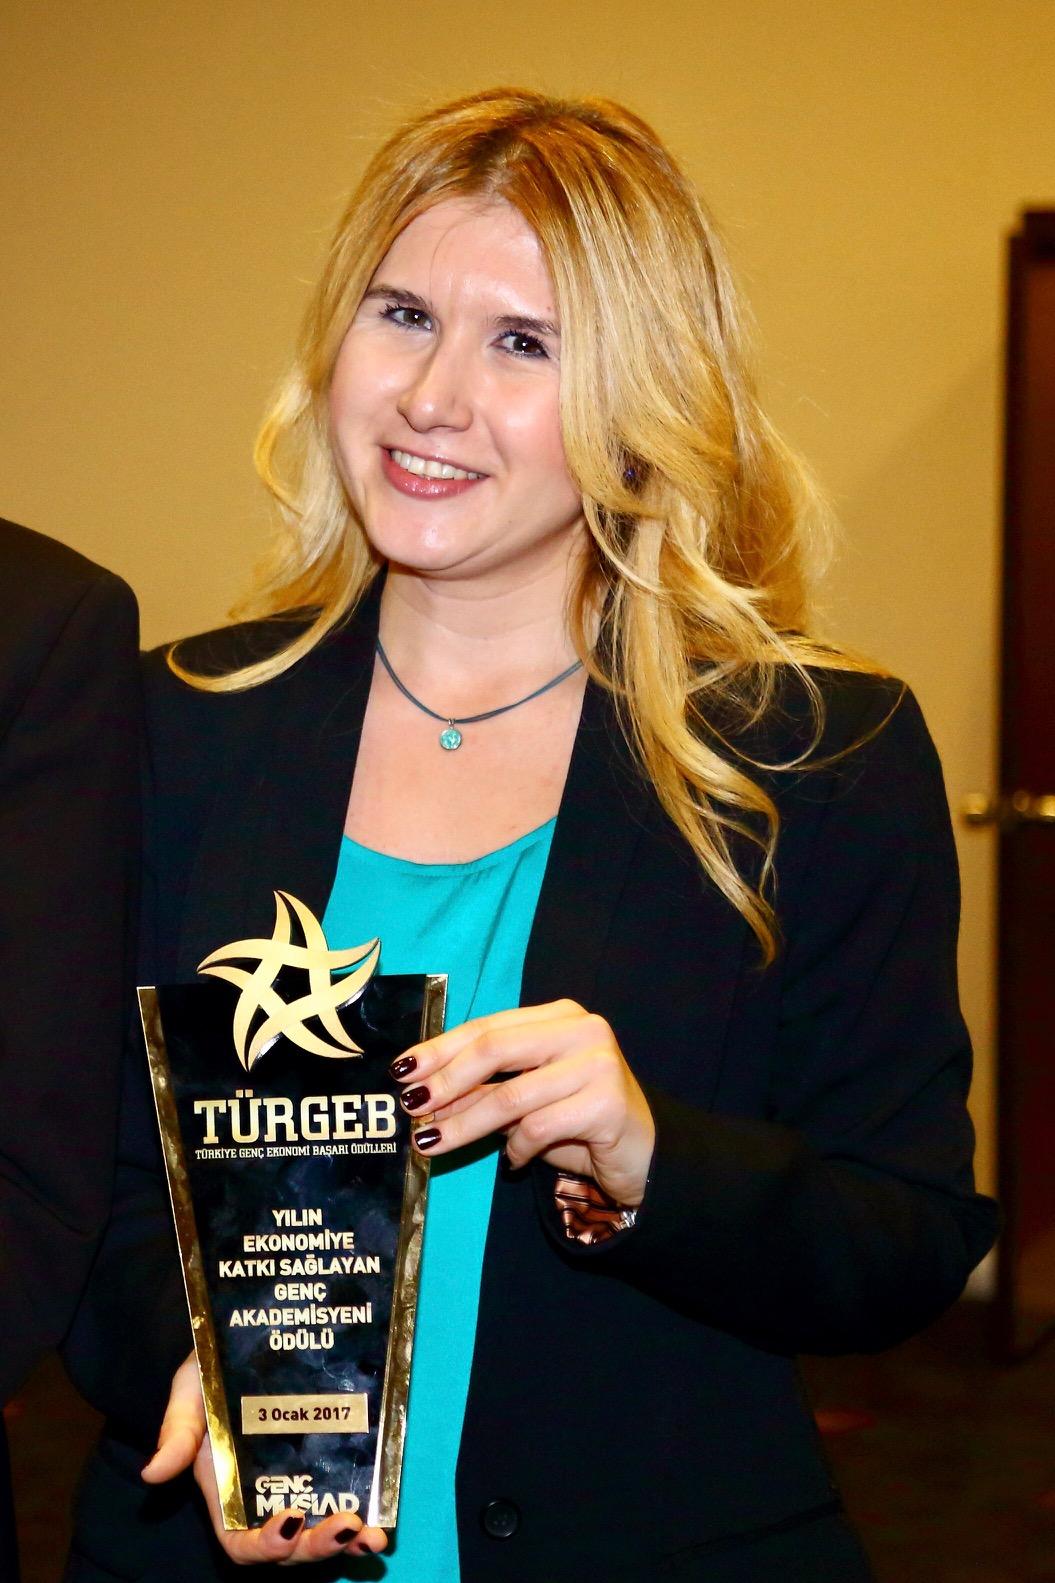 Turgeb-1